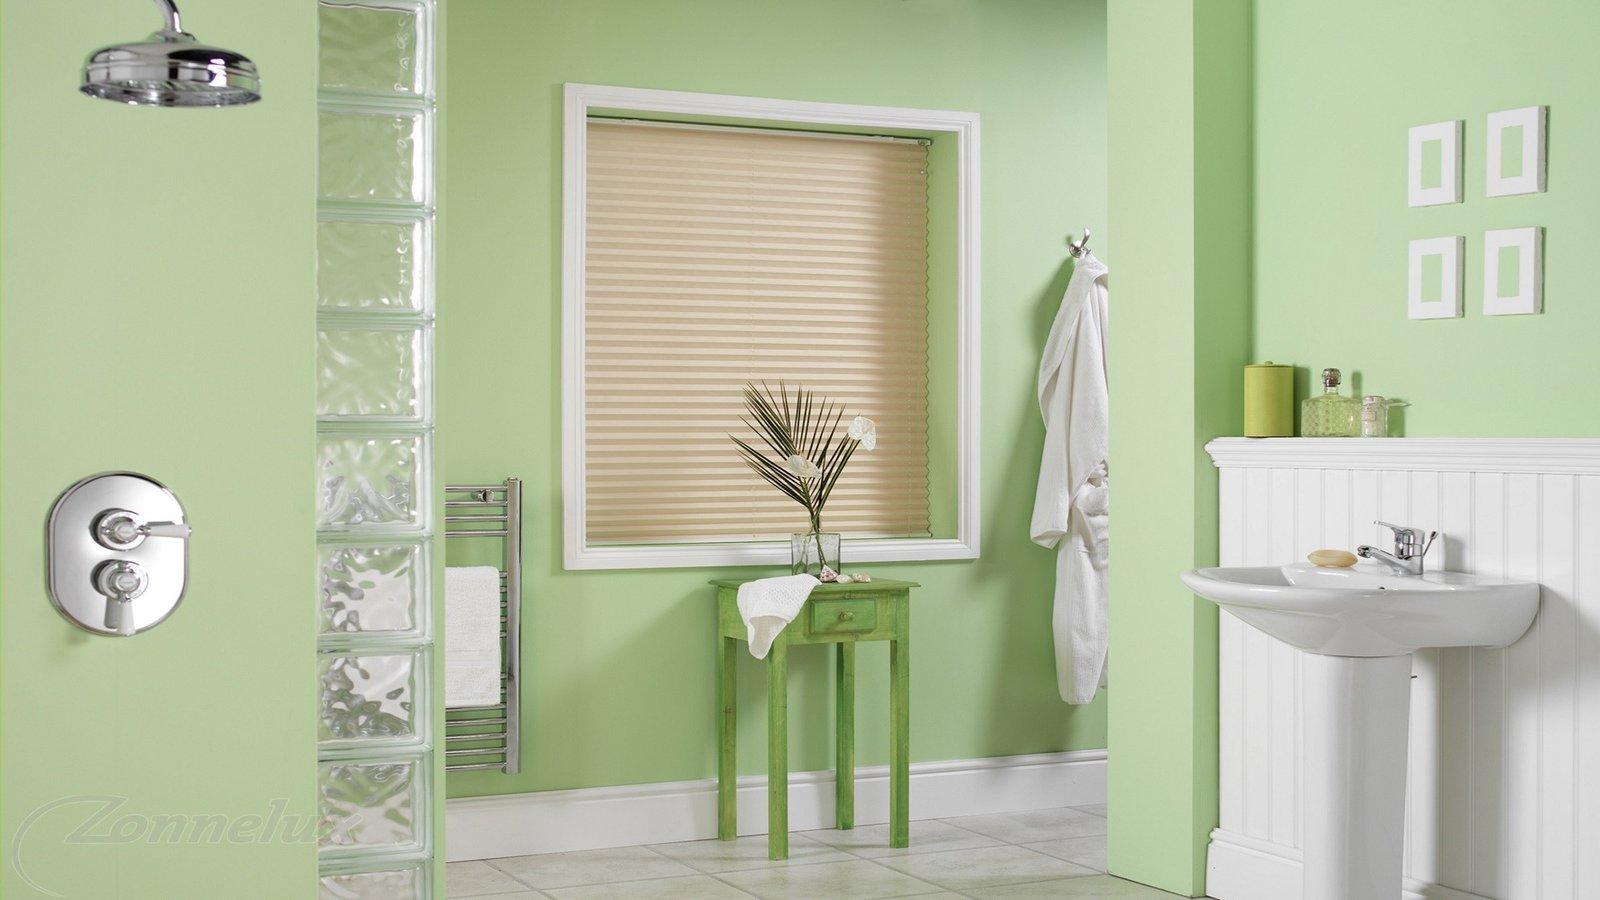 Raamdecoratie voor de badkamer inspiraties showhome